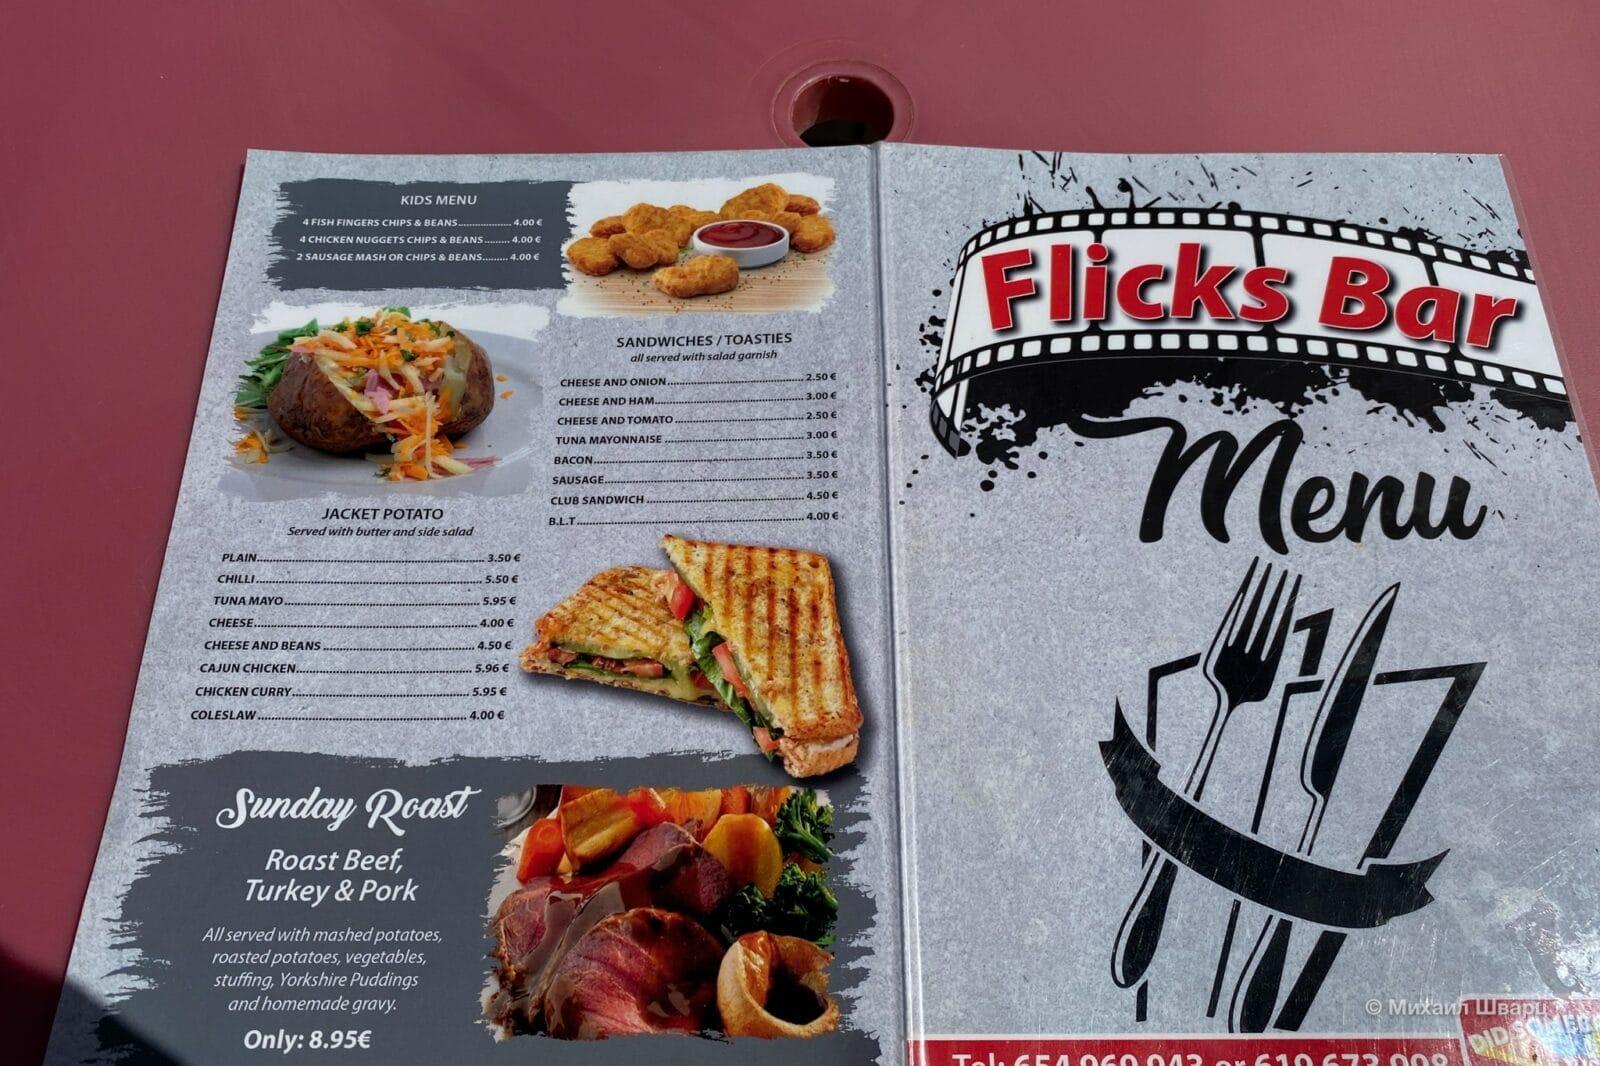 Flicks Bar